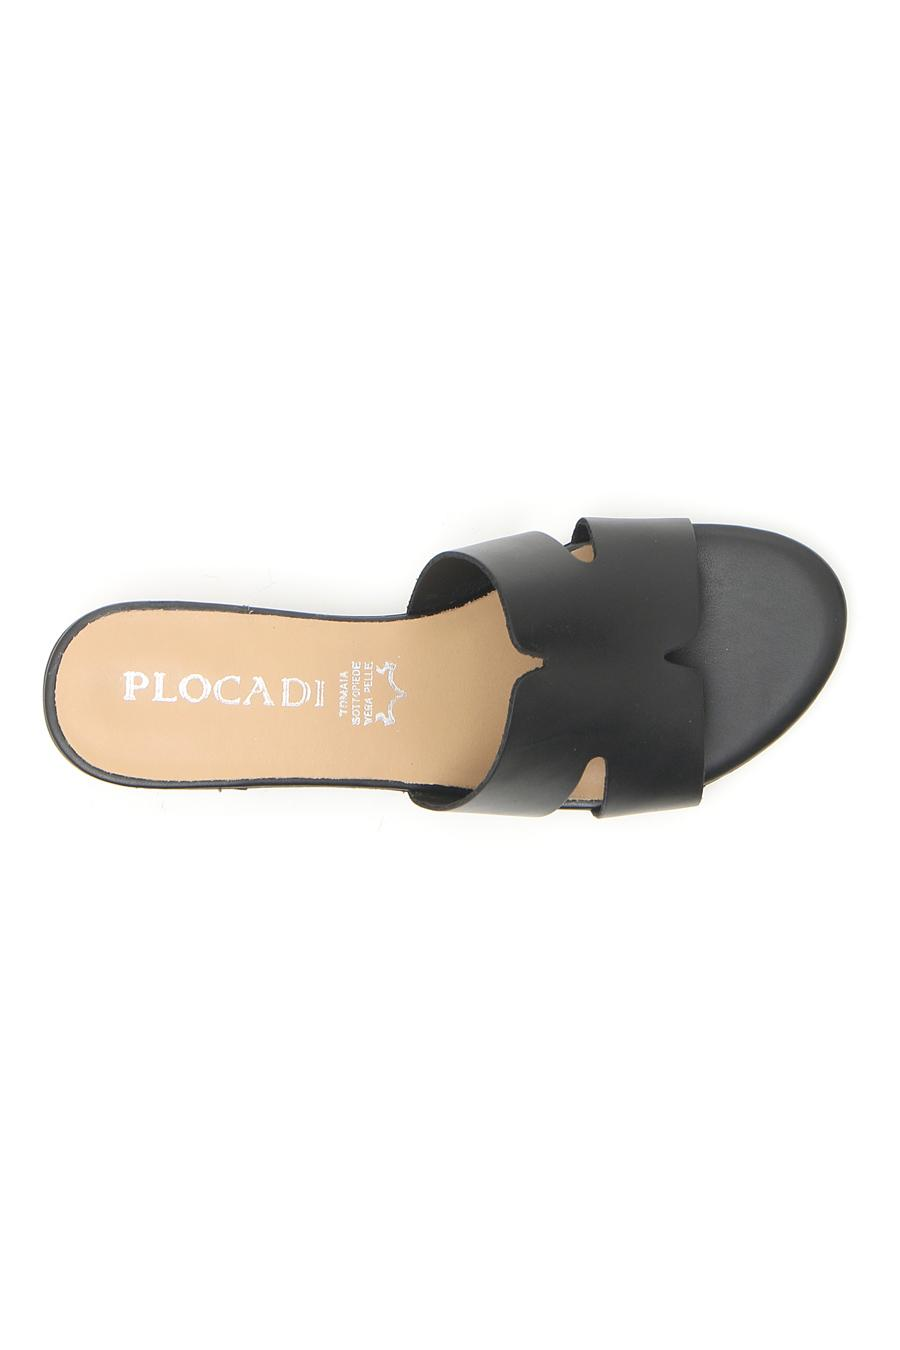 CIABATTE donna nero PLOCADI 10200 | Pittarello